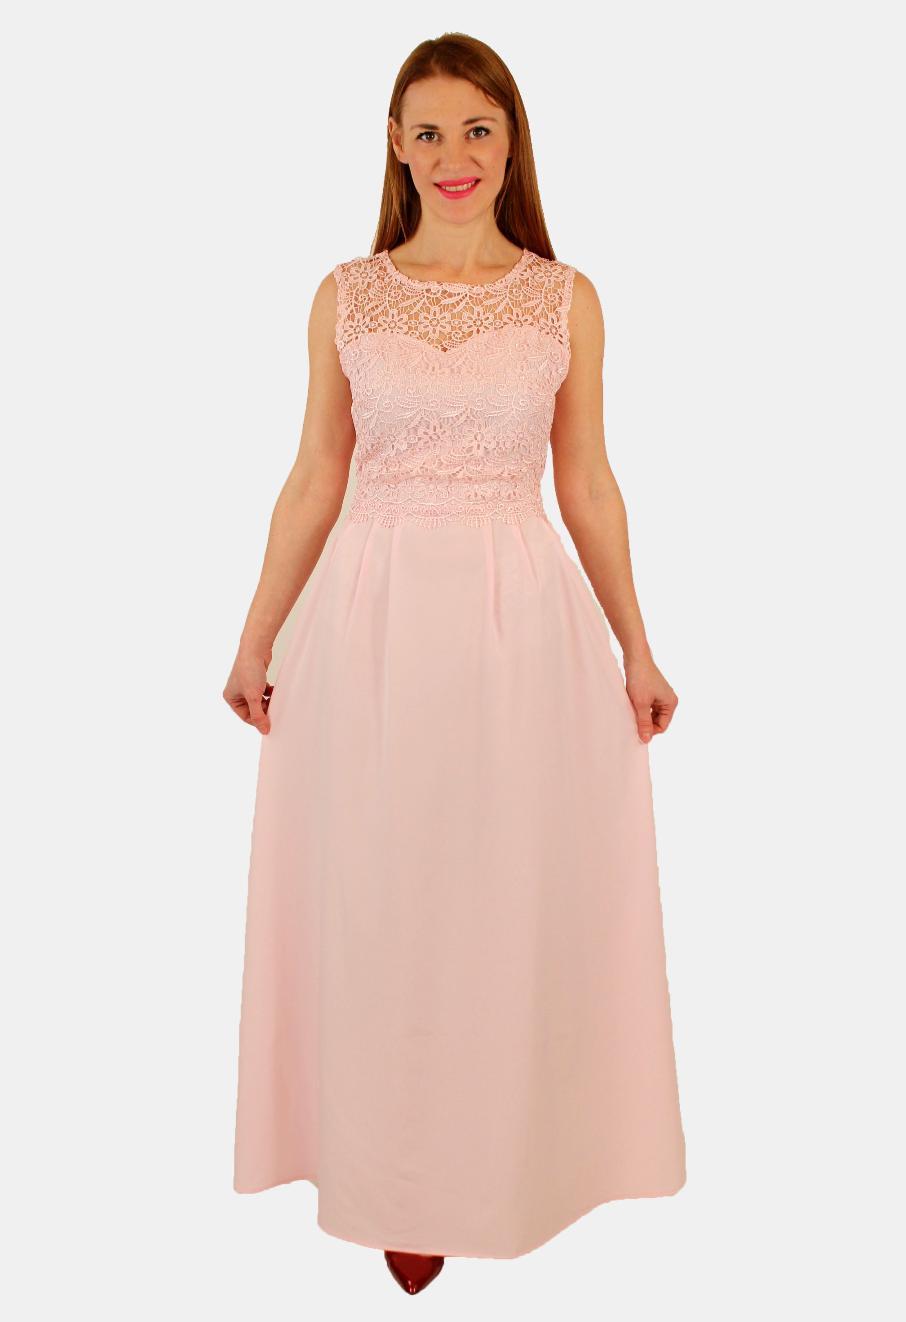 Где Купить Нарядное Платье